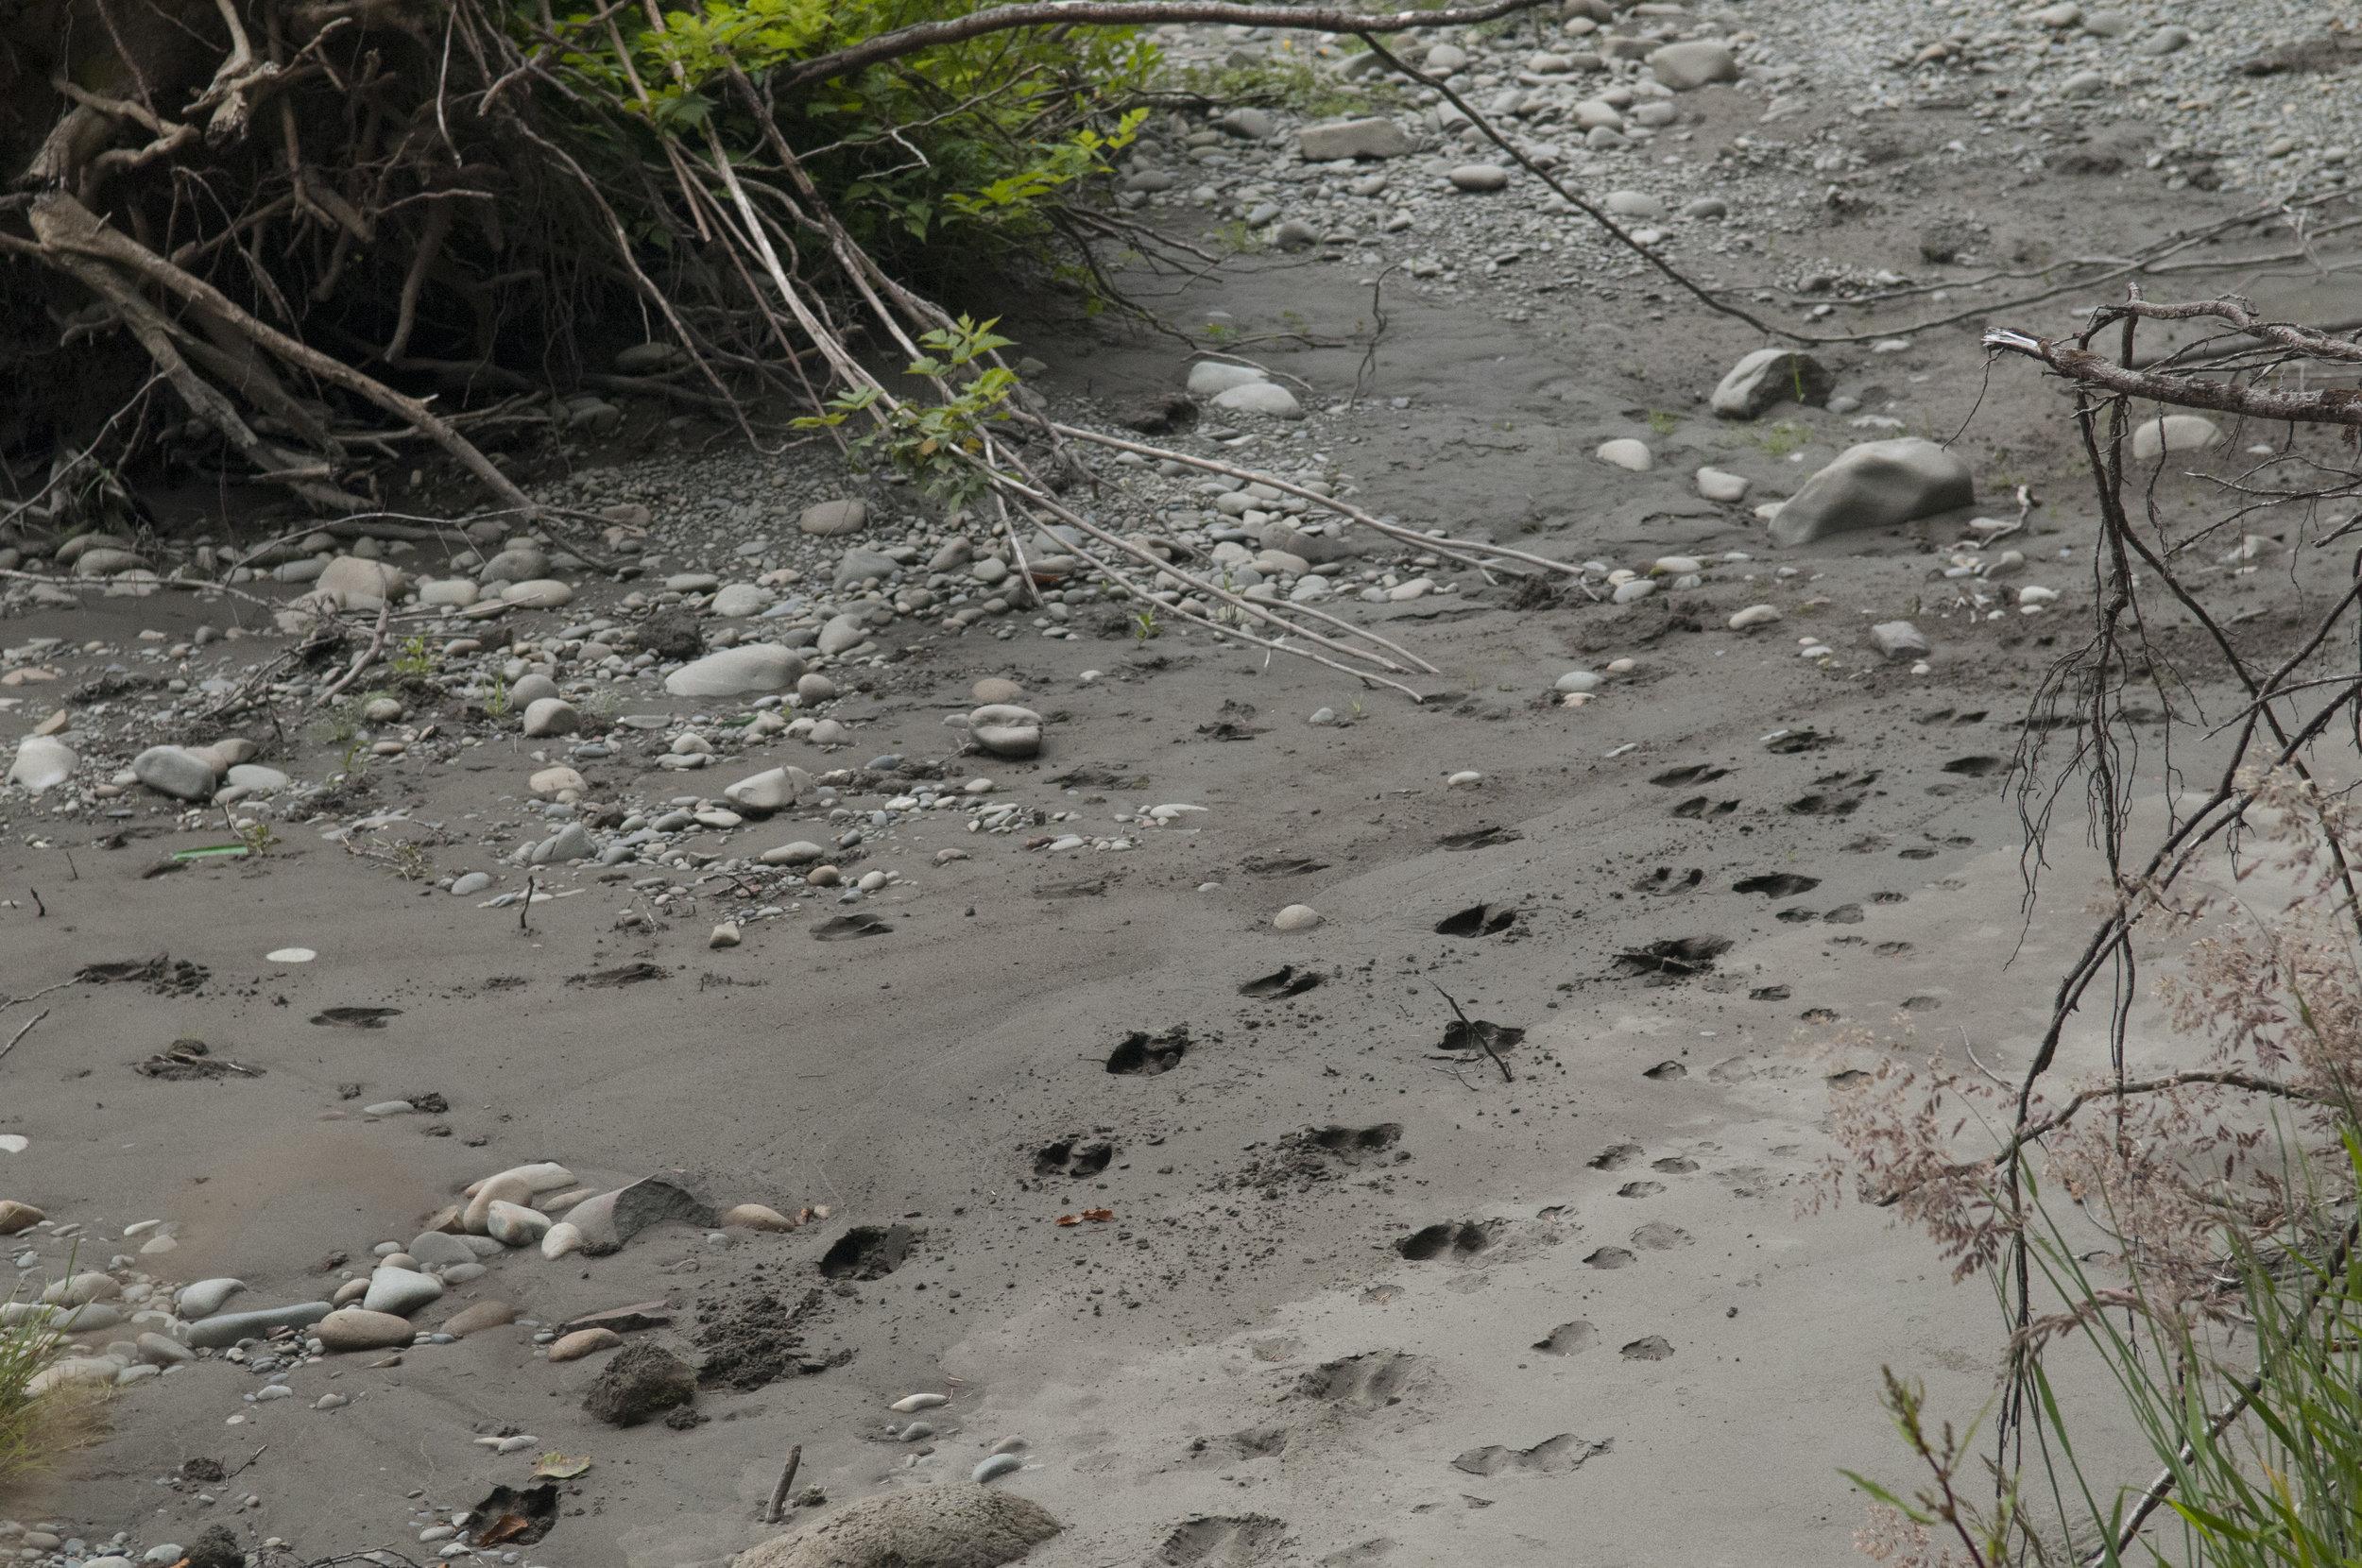 Strange tracks along the river's bank. Photo by Nikolaj Lasbo/TNC